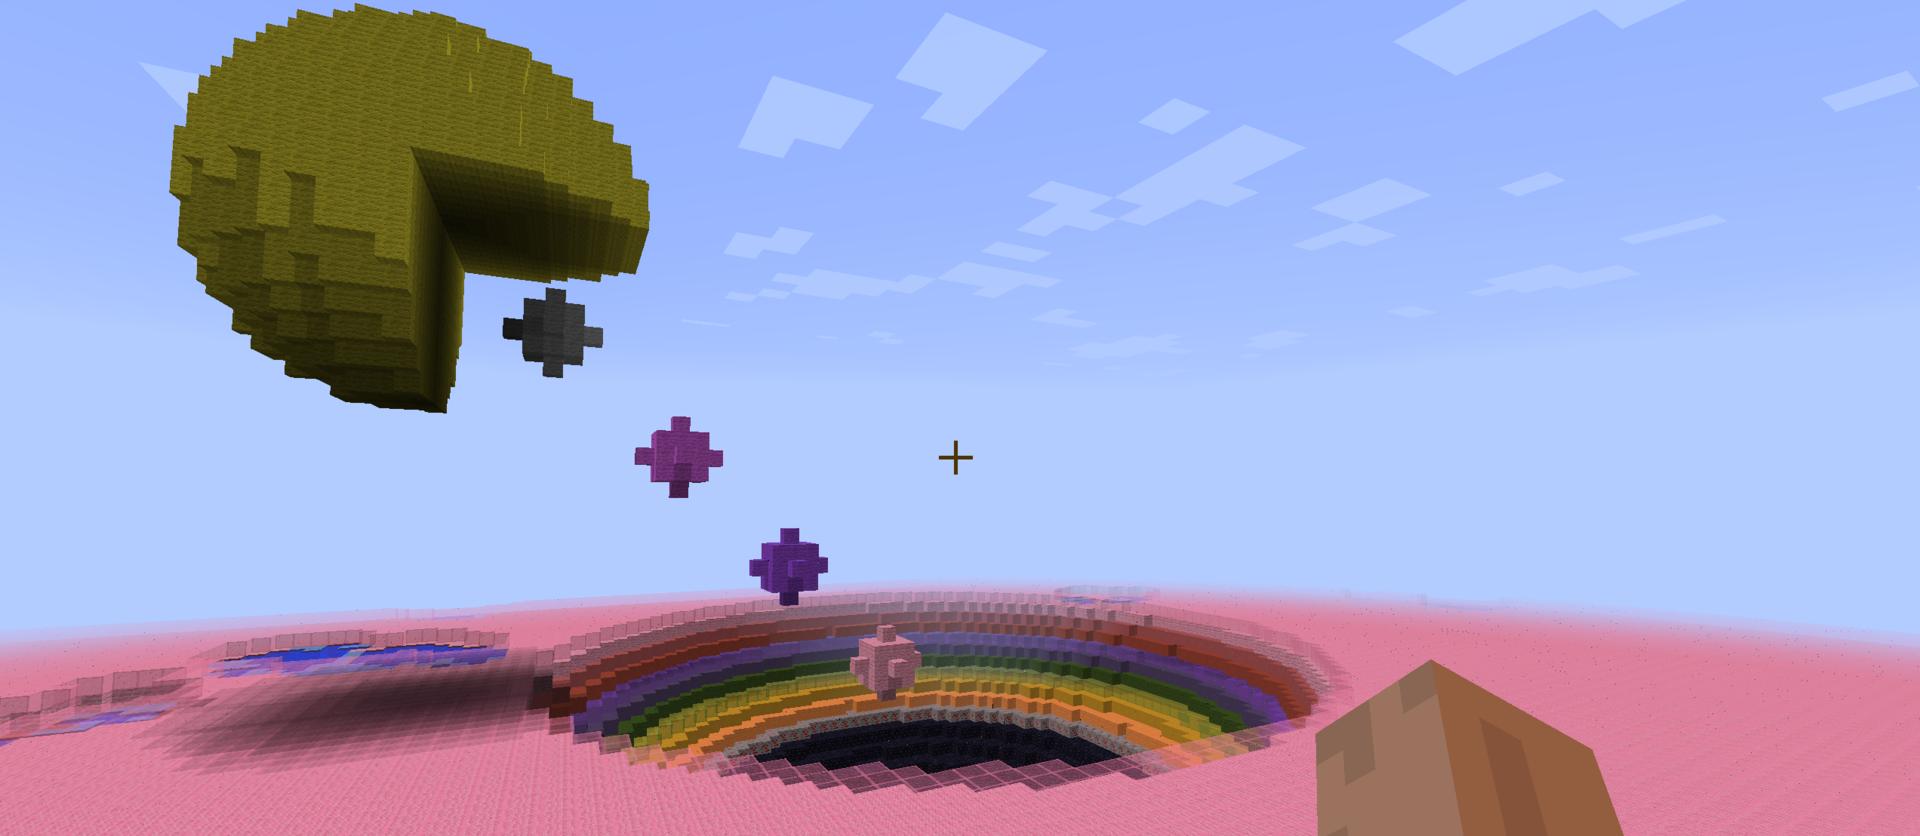 Программируем в мире Minecraft - 3